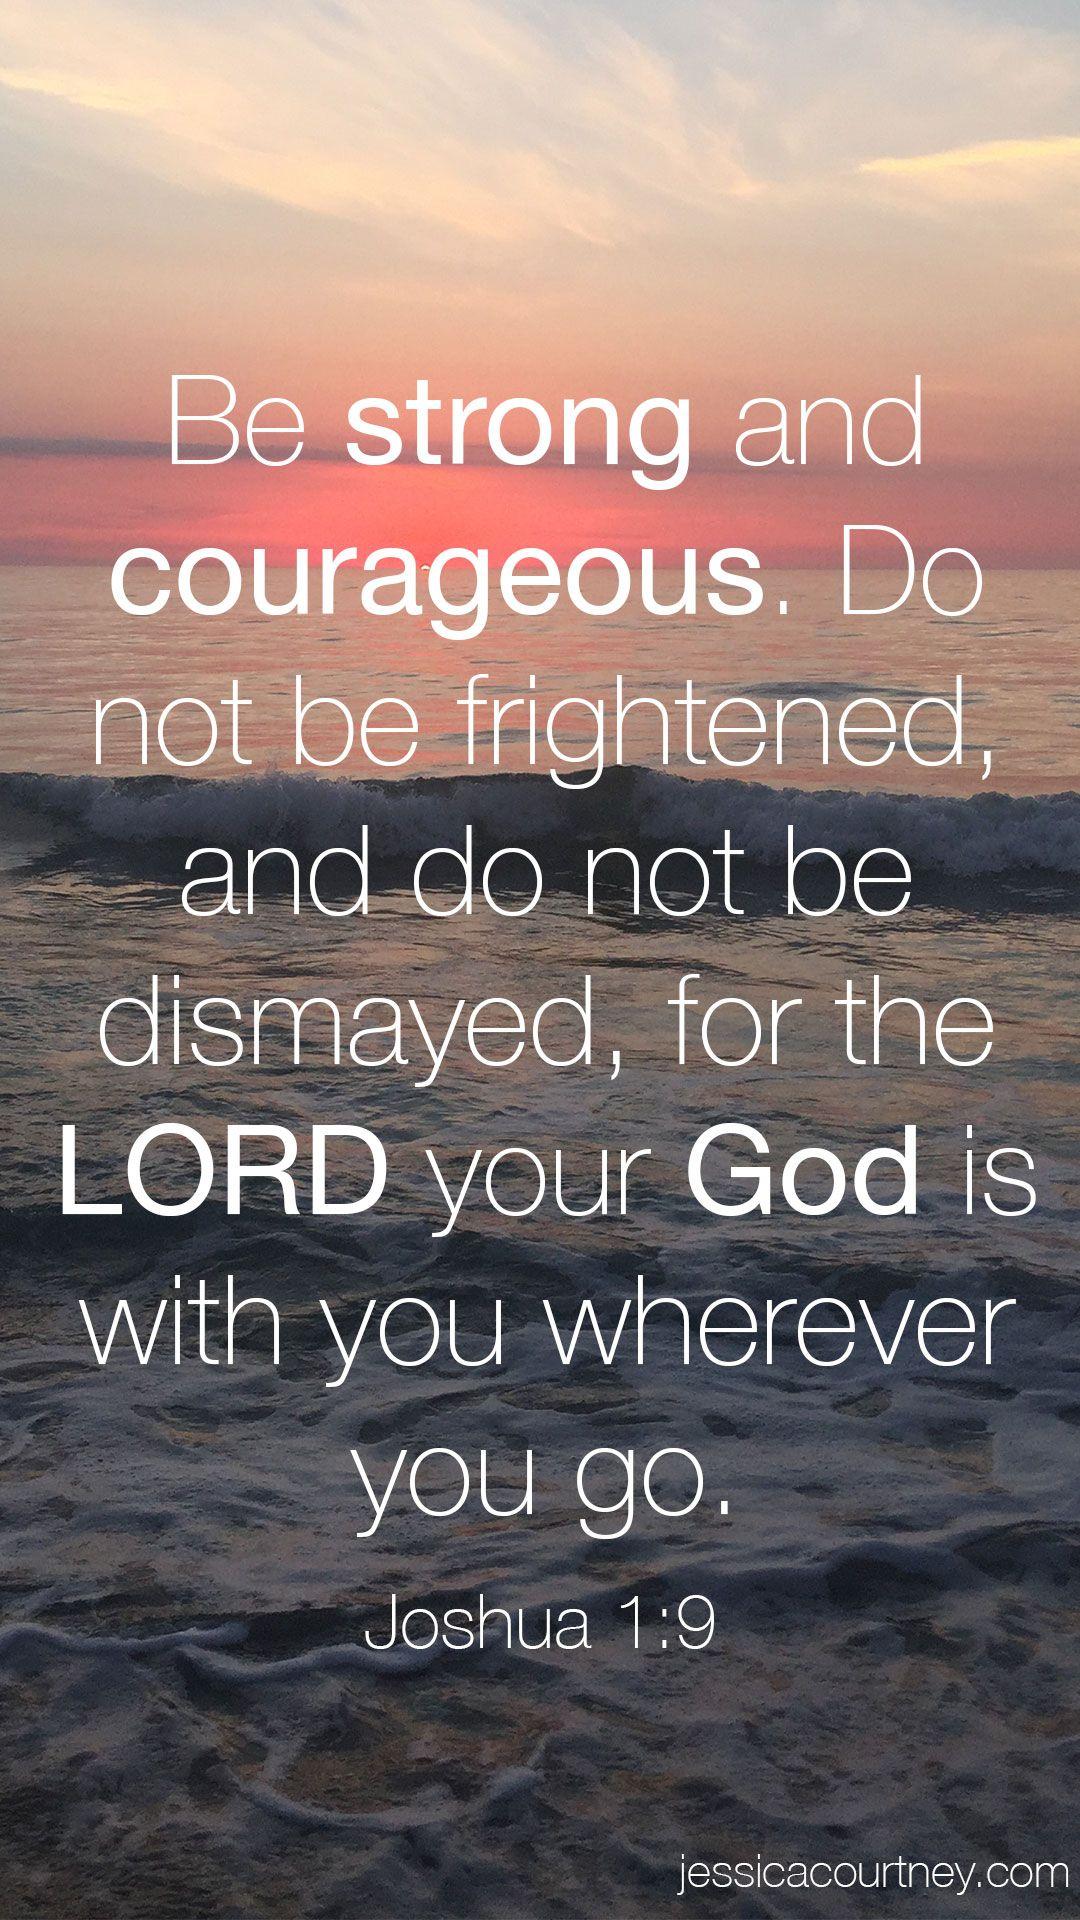 Joshua 1:9 …